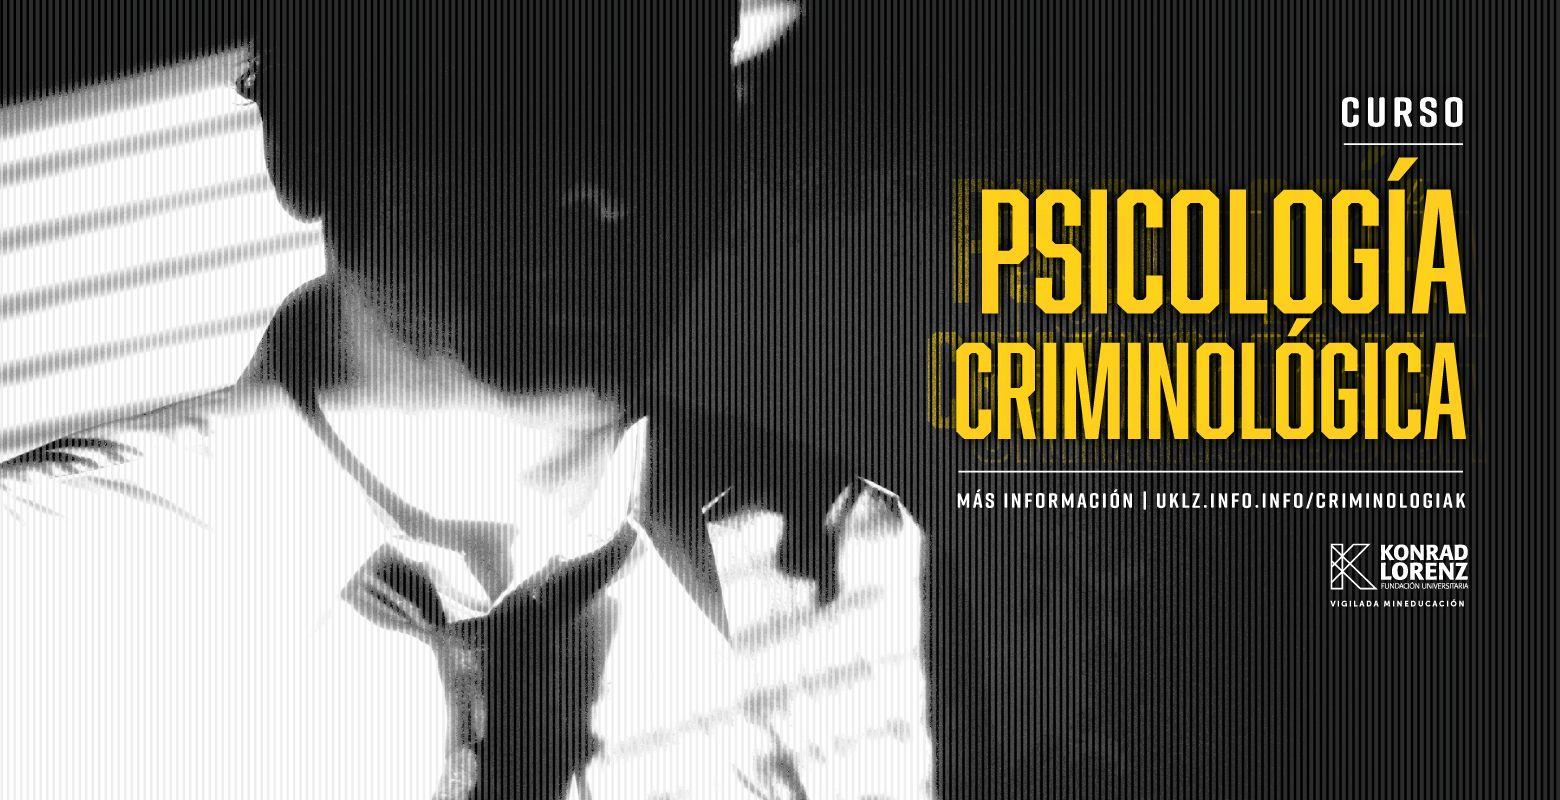 Curso en Psicología Criminológica